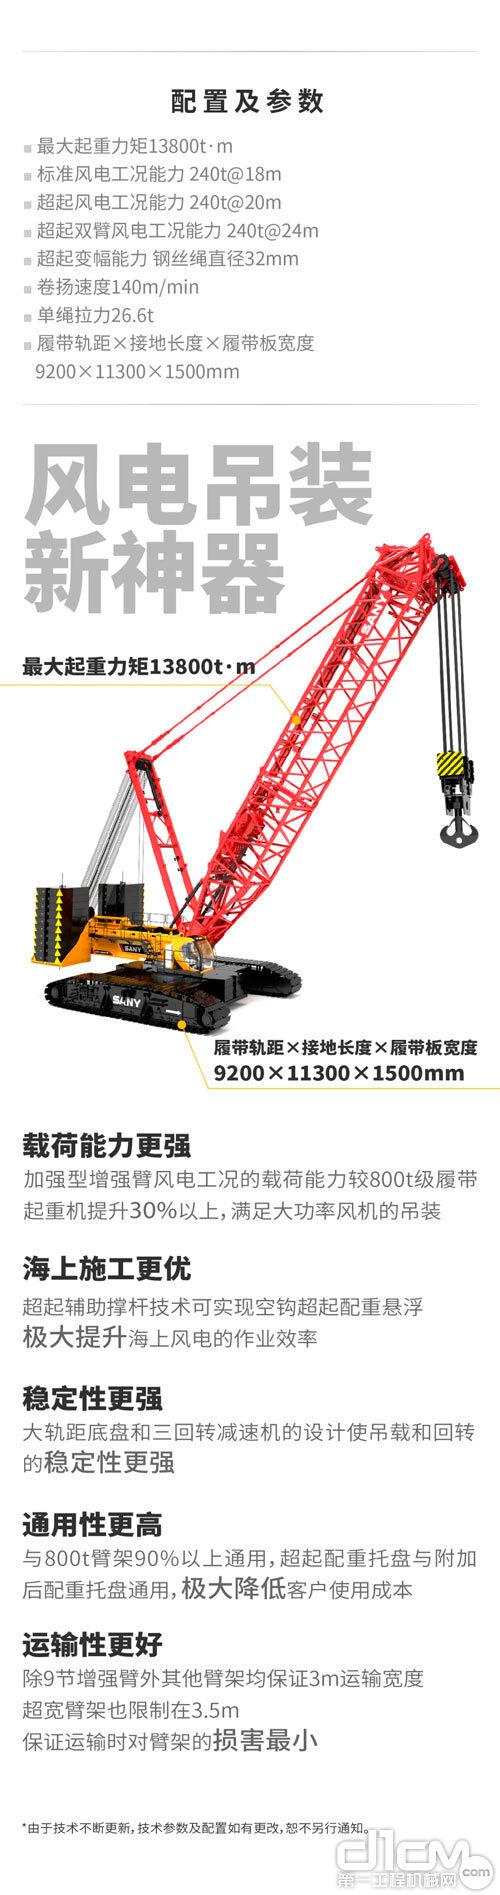 三一SCC13800TM起重机参数介绍